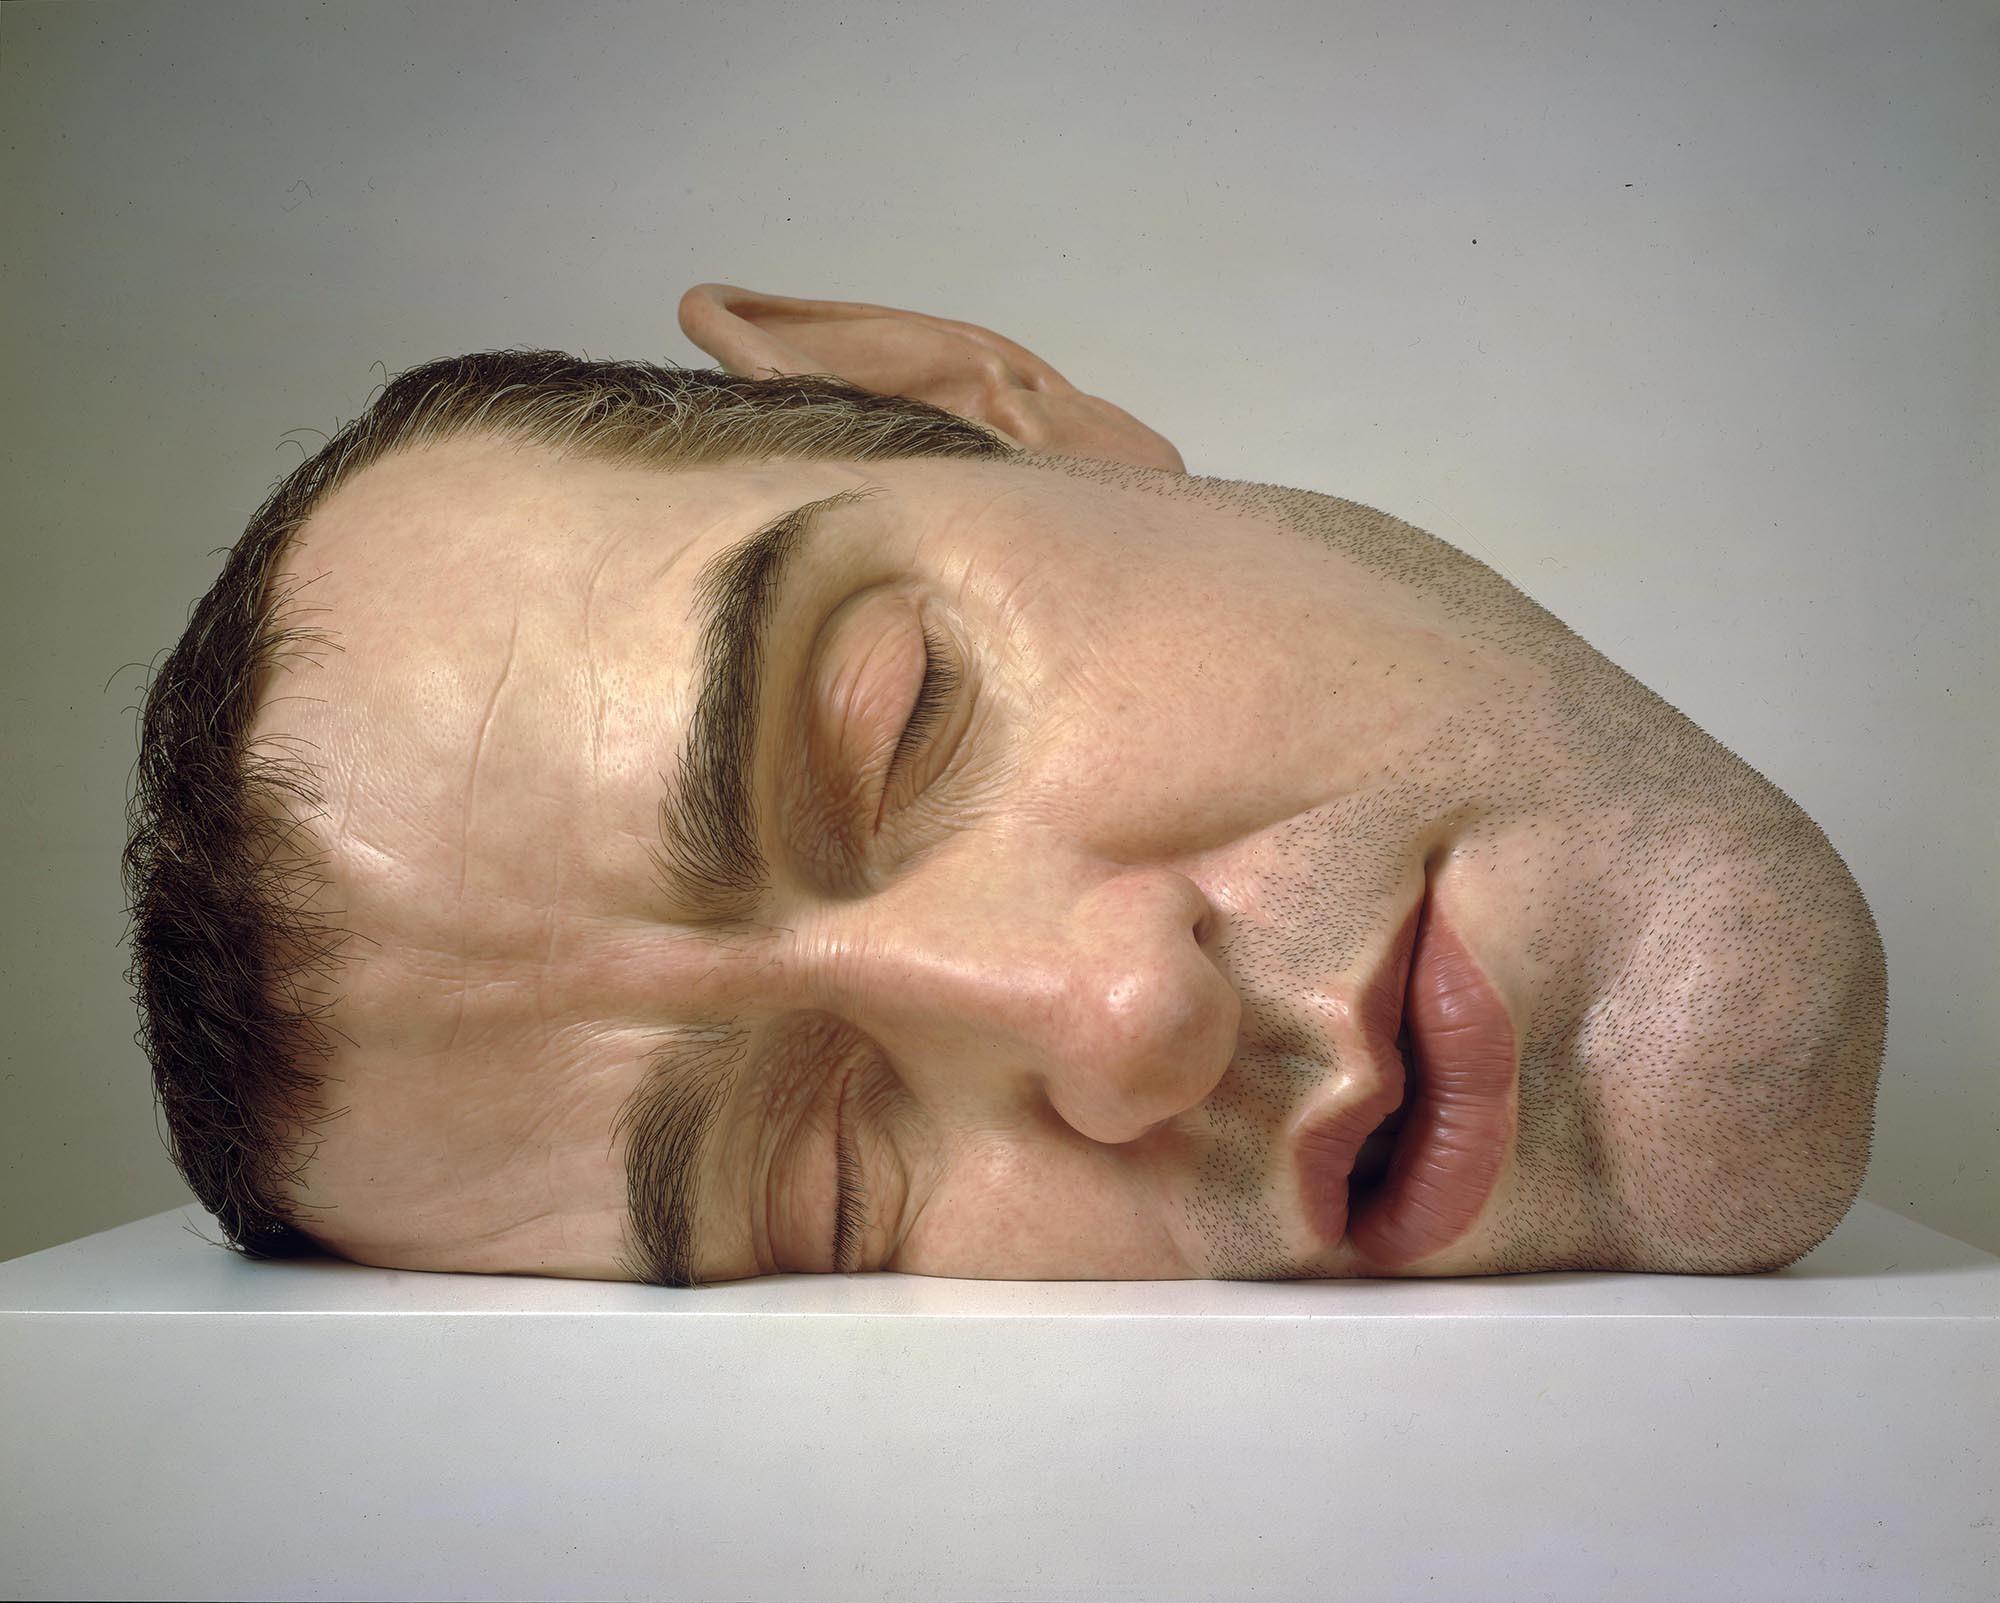 Le sculture iperrealiste dell'artista Ron Mueck | Collater.al